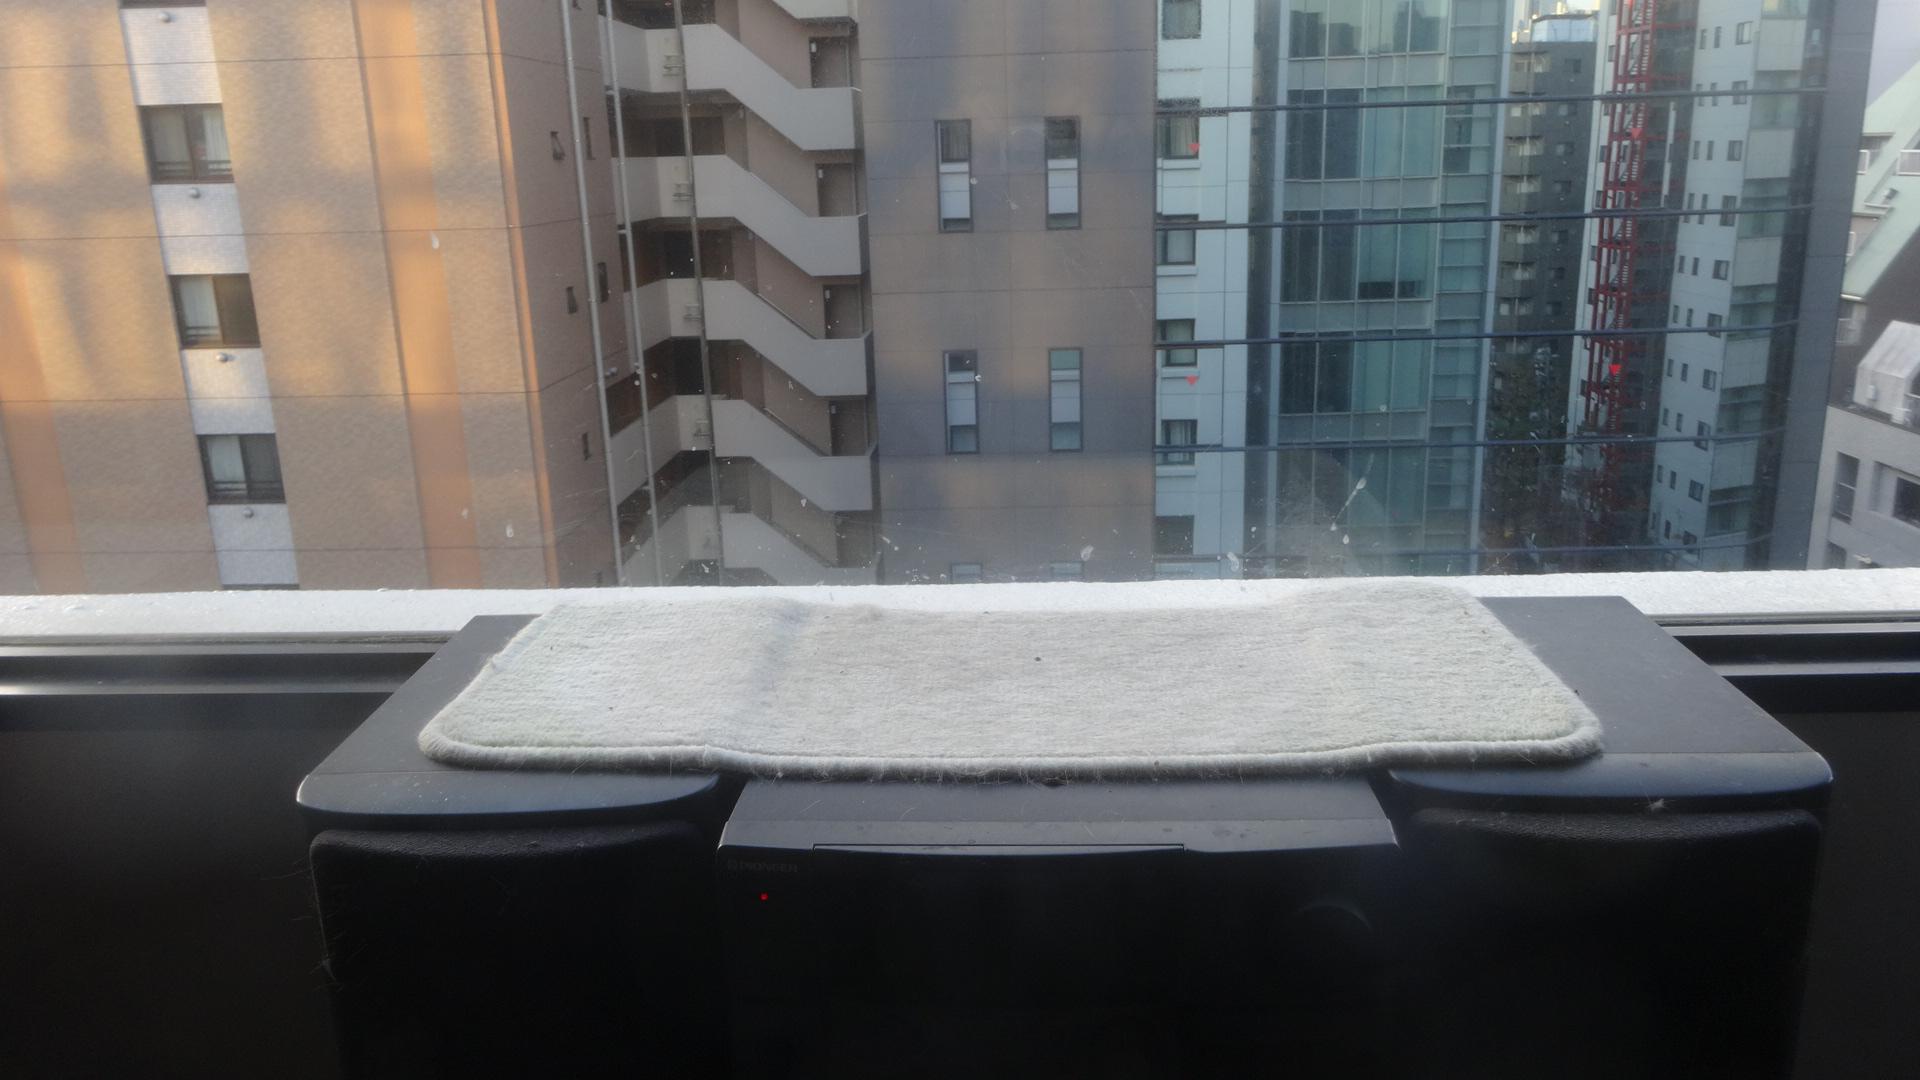 窓際に敷かれたマット